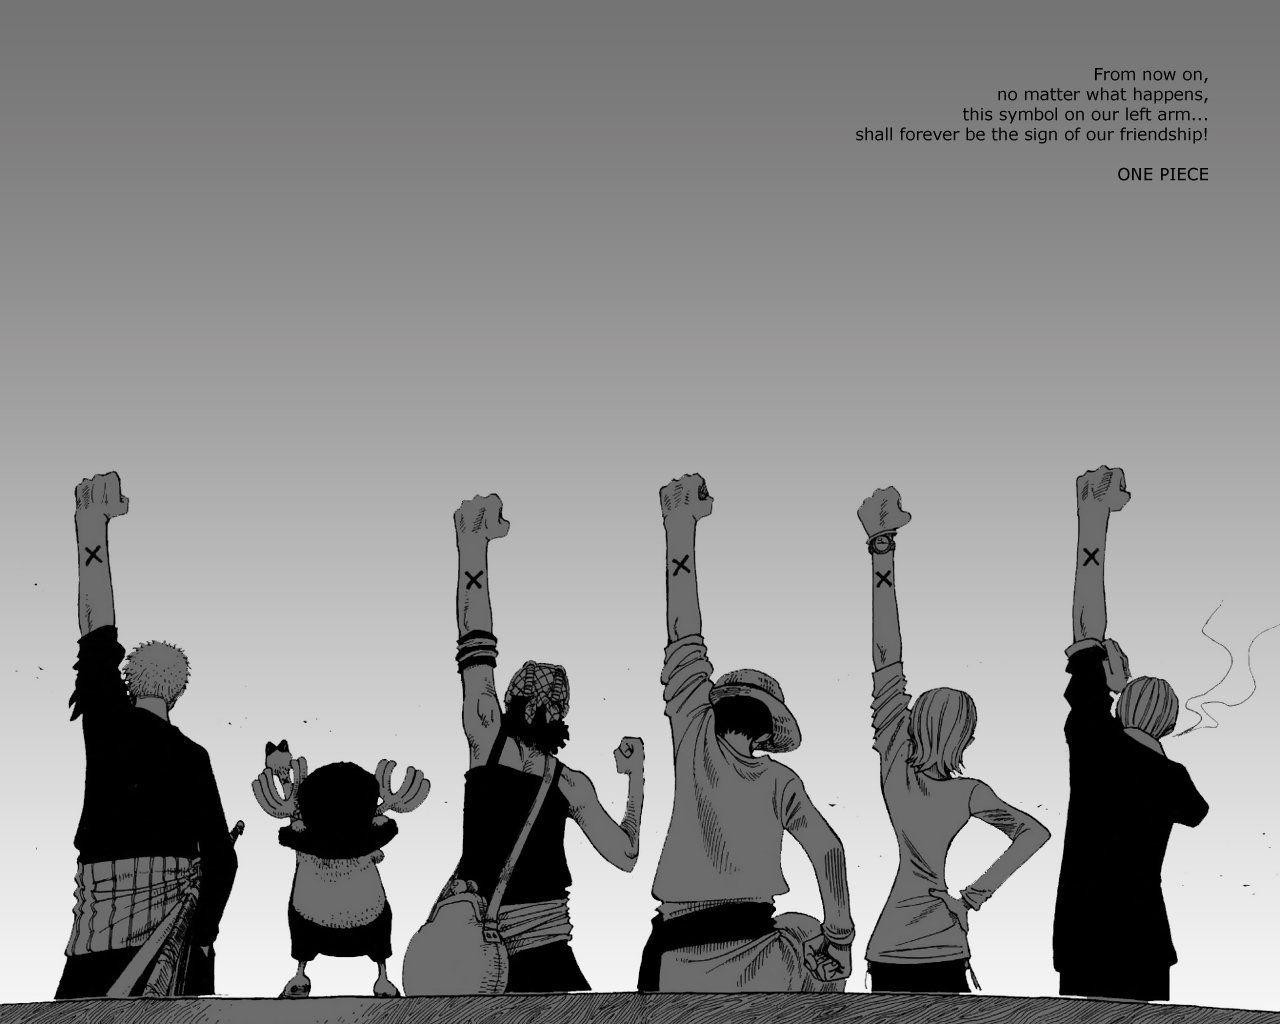 ワンピース 壁紙 One Piece Wallpaper One Piece One Piece Anime